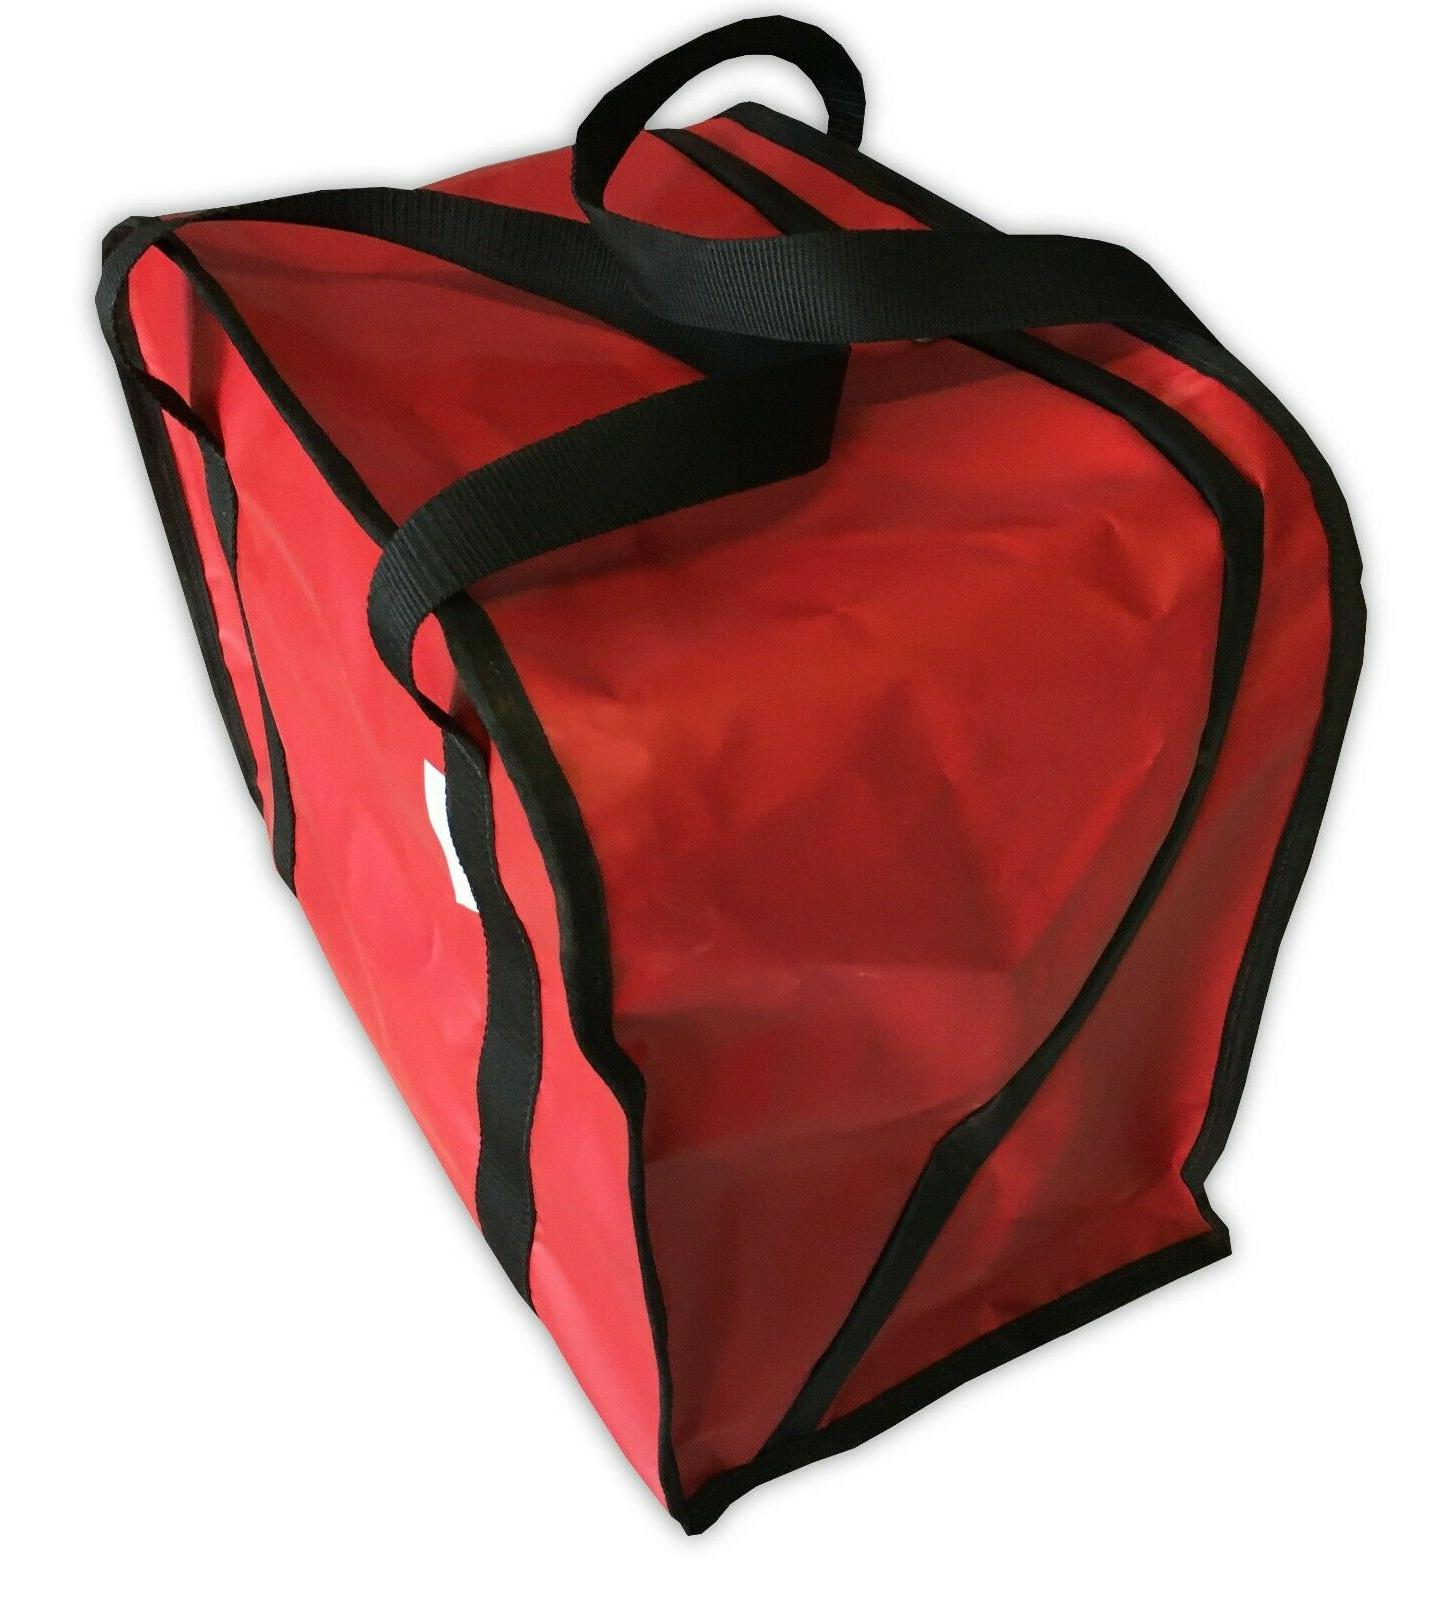 Yamaha Generator Carry Bag for caravan camping. AUSTRALIAN MADE